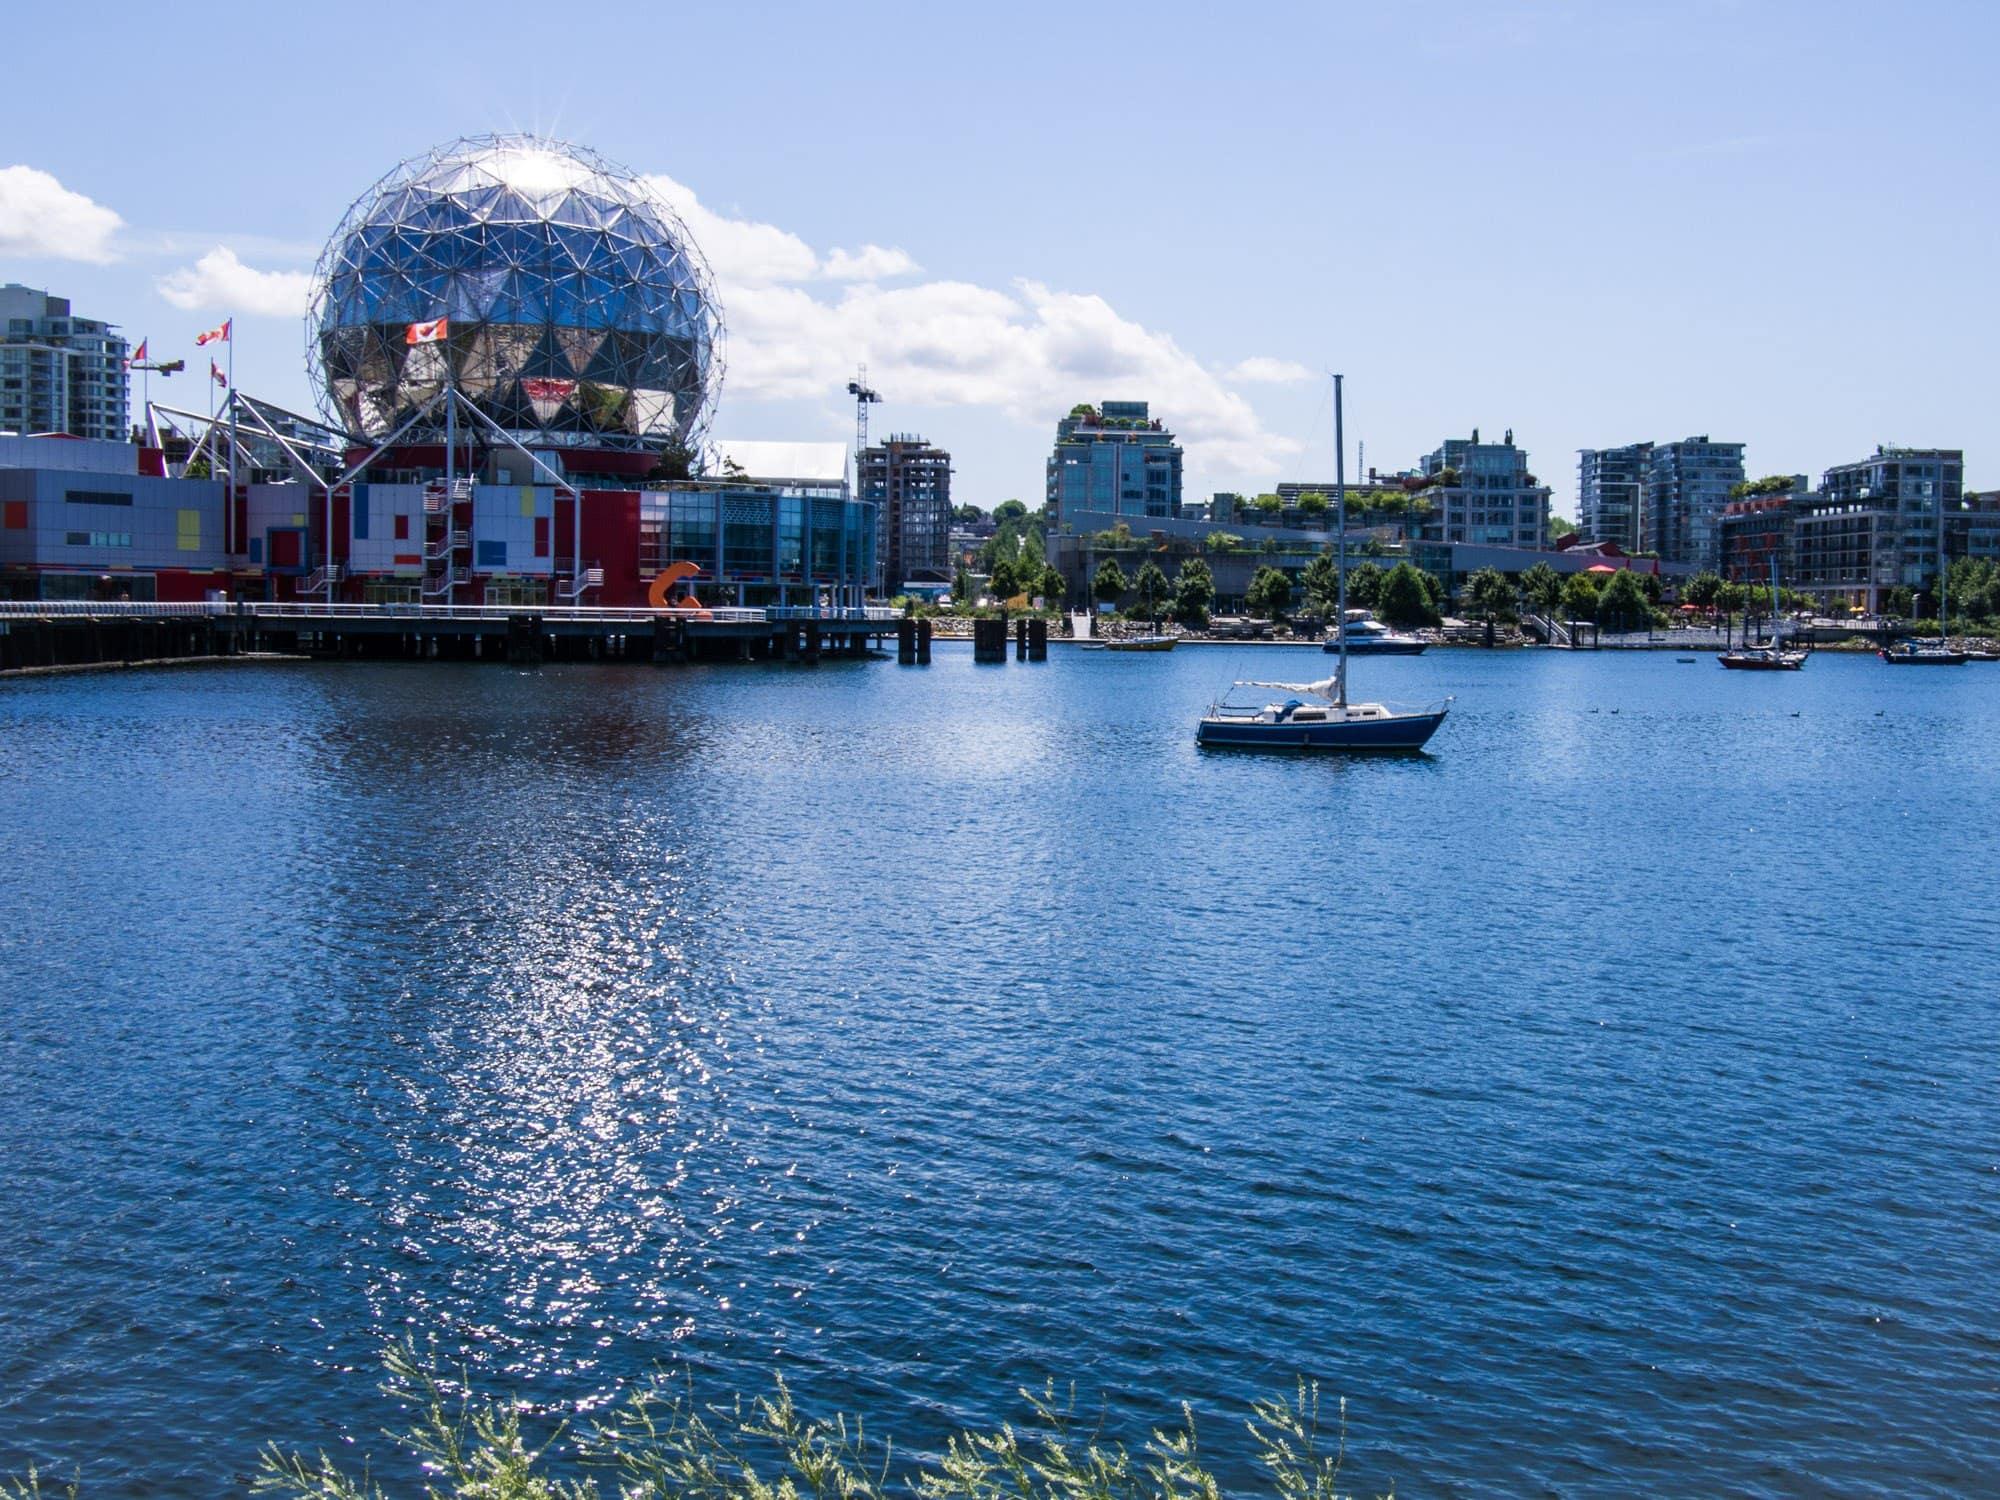 visit Vancouver, False Creek, Vancouver, science world vancouver, science center vancouver